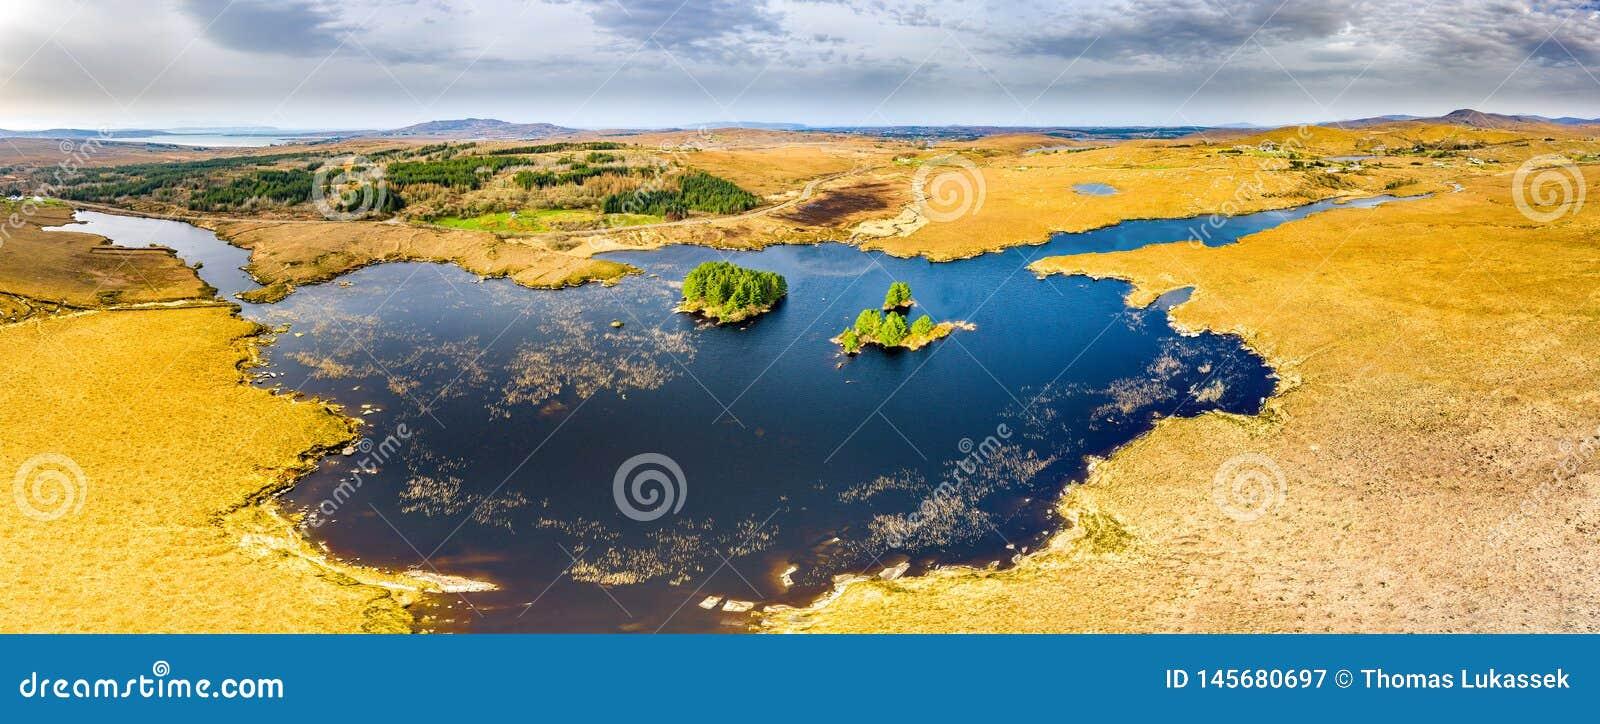 Vista a?rea de na Leabhar de Mhin Leic del lago - el lago de Meenlecknalore - cerca de Dungloe en el condado Donegal, Irlanda